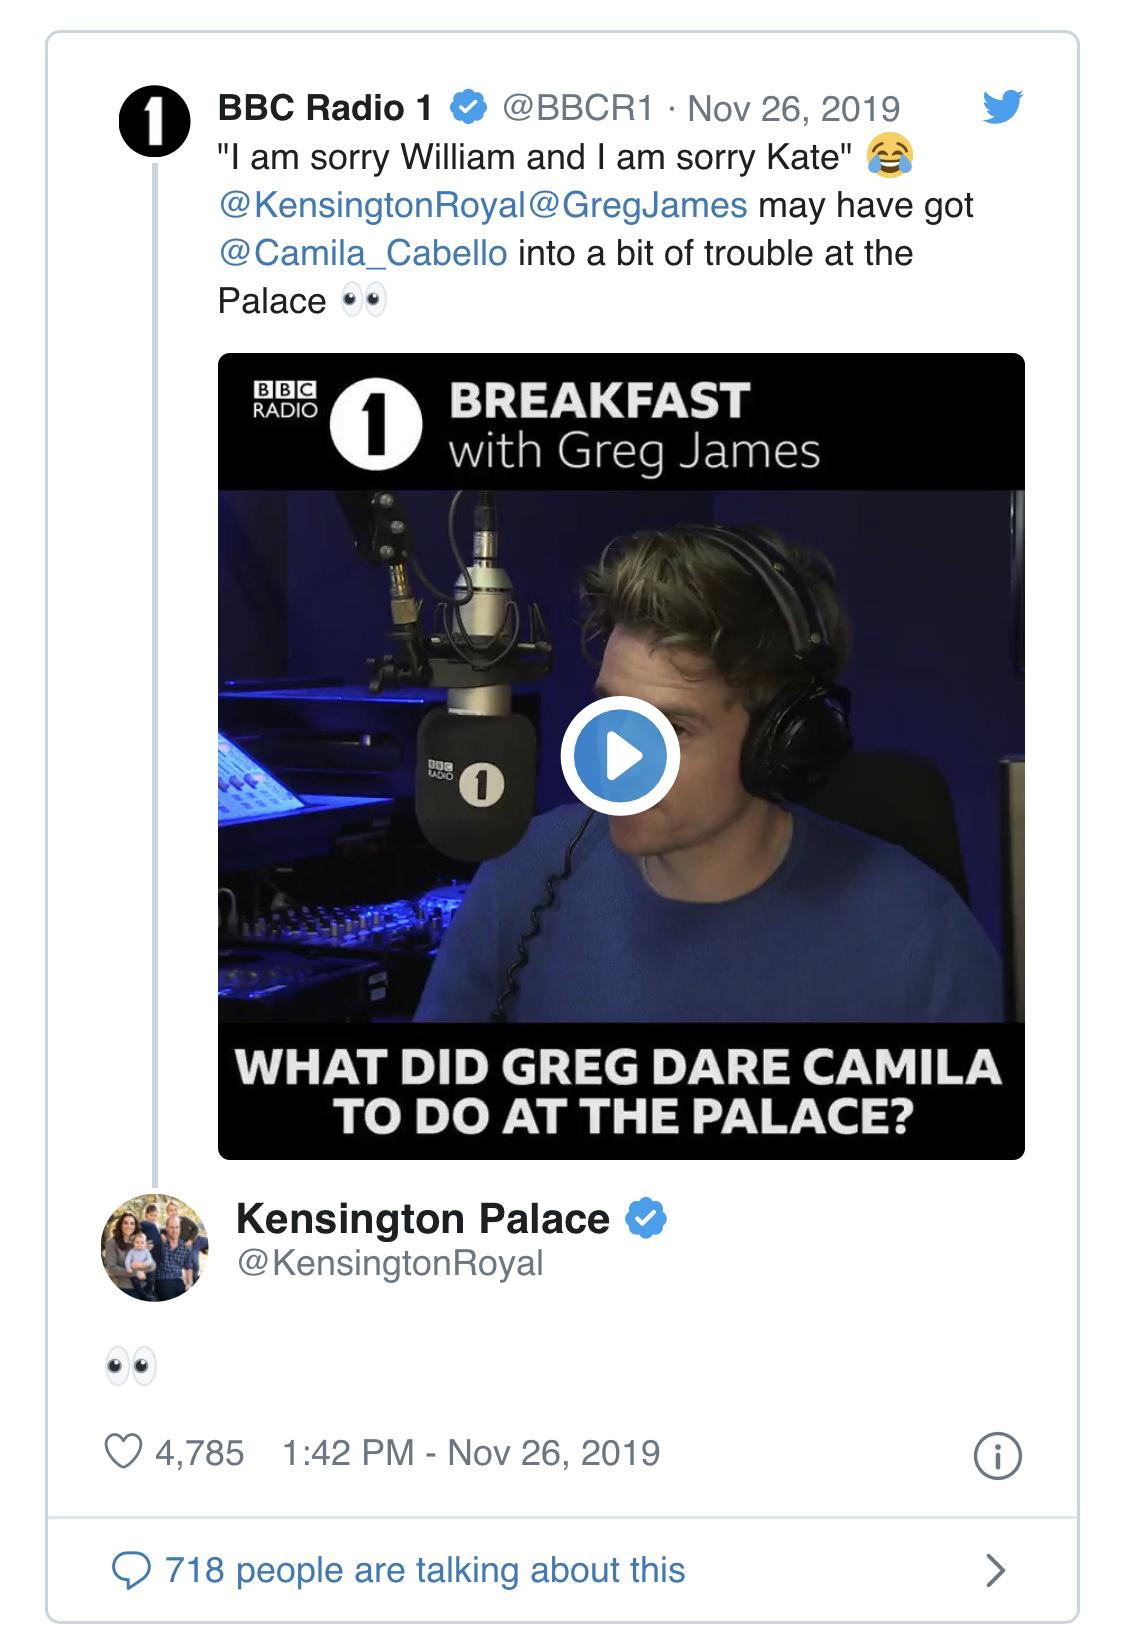 Новый скандал? Почему Камила Кабелло извиняется перед принцем Уильямом и Кейт Миддлтон?